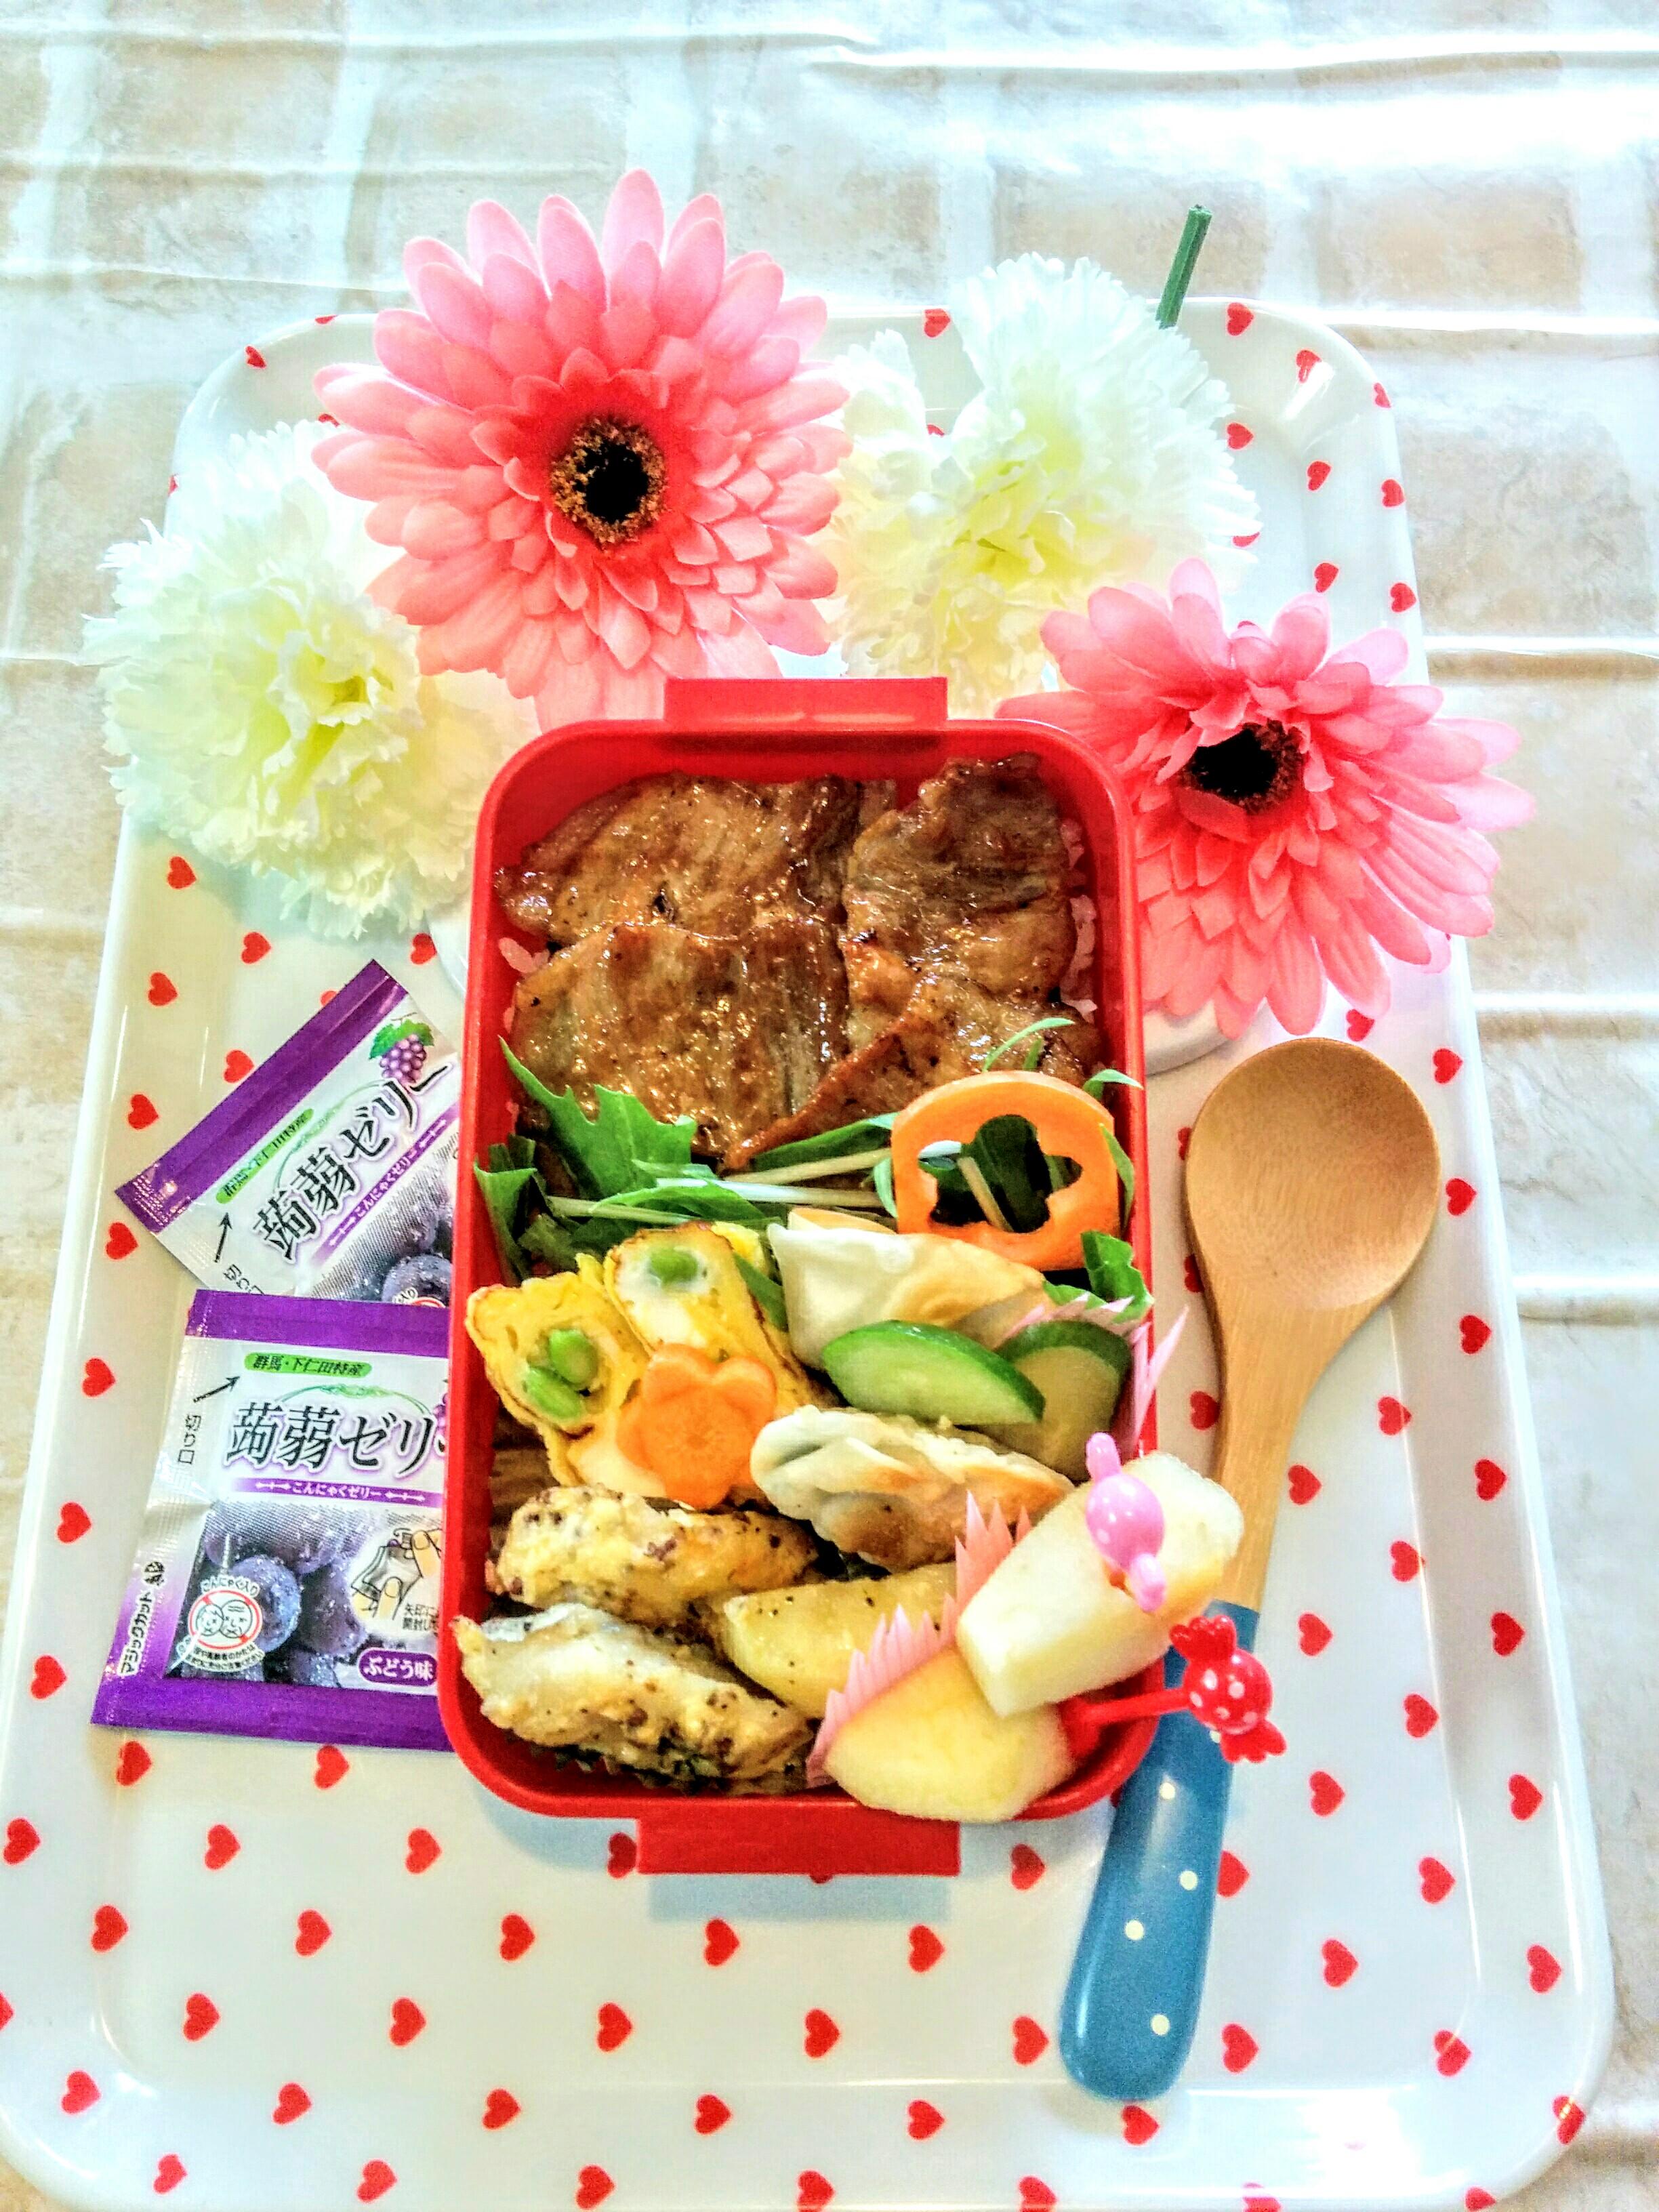 【小樽】今日の娘のお弁当・豚丼弁当グルメ案内です。